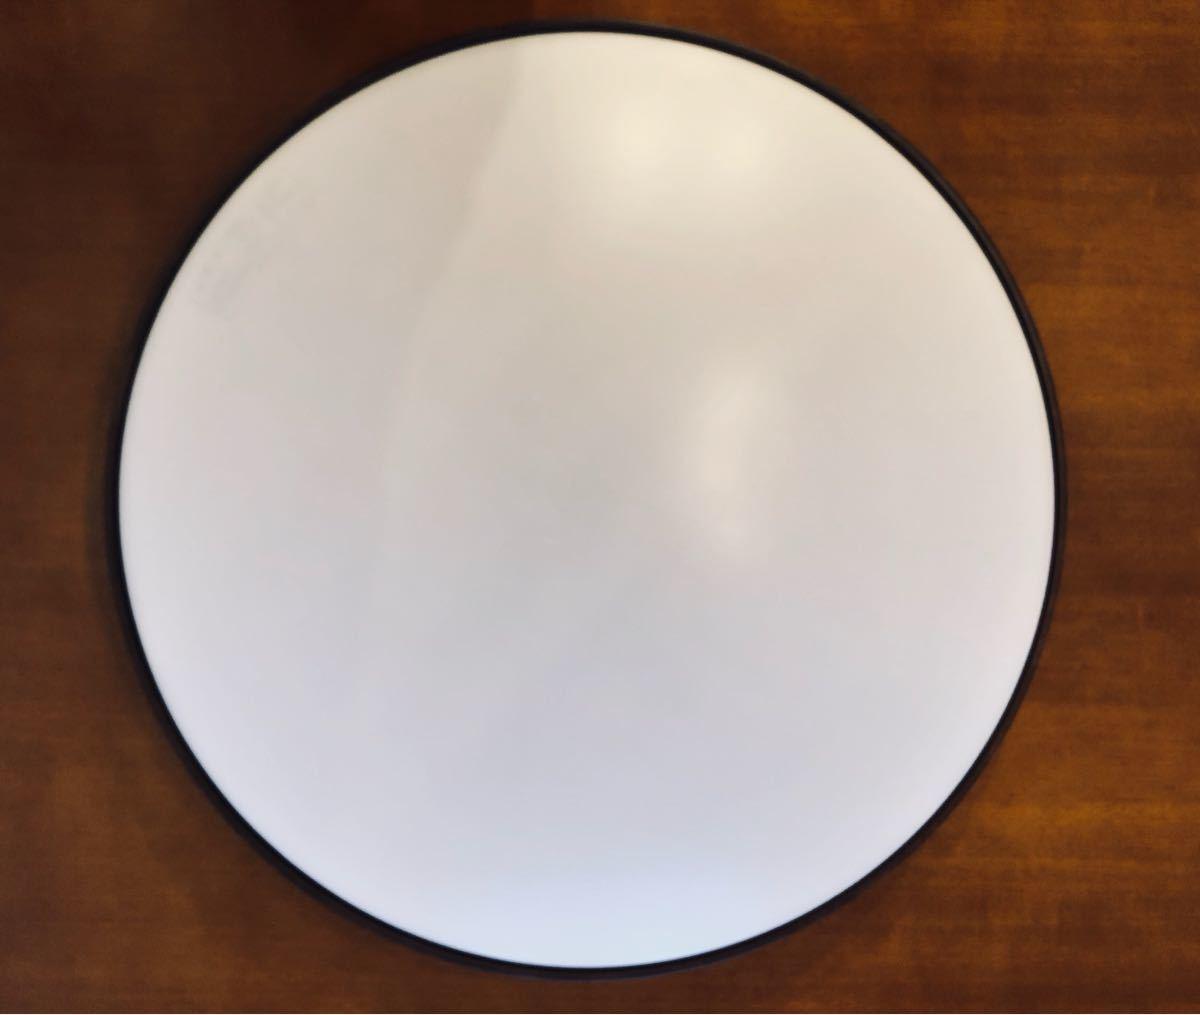 無印良品 LED木製シーリングライト 調光調色機能付 ダークブラウン_画像5